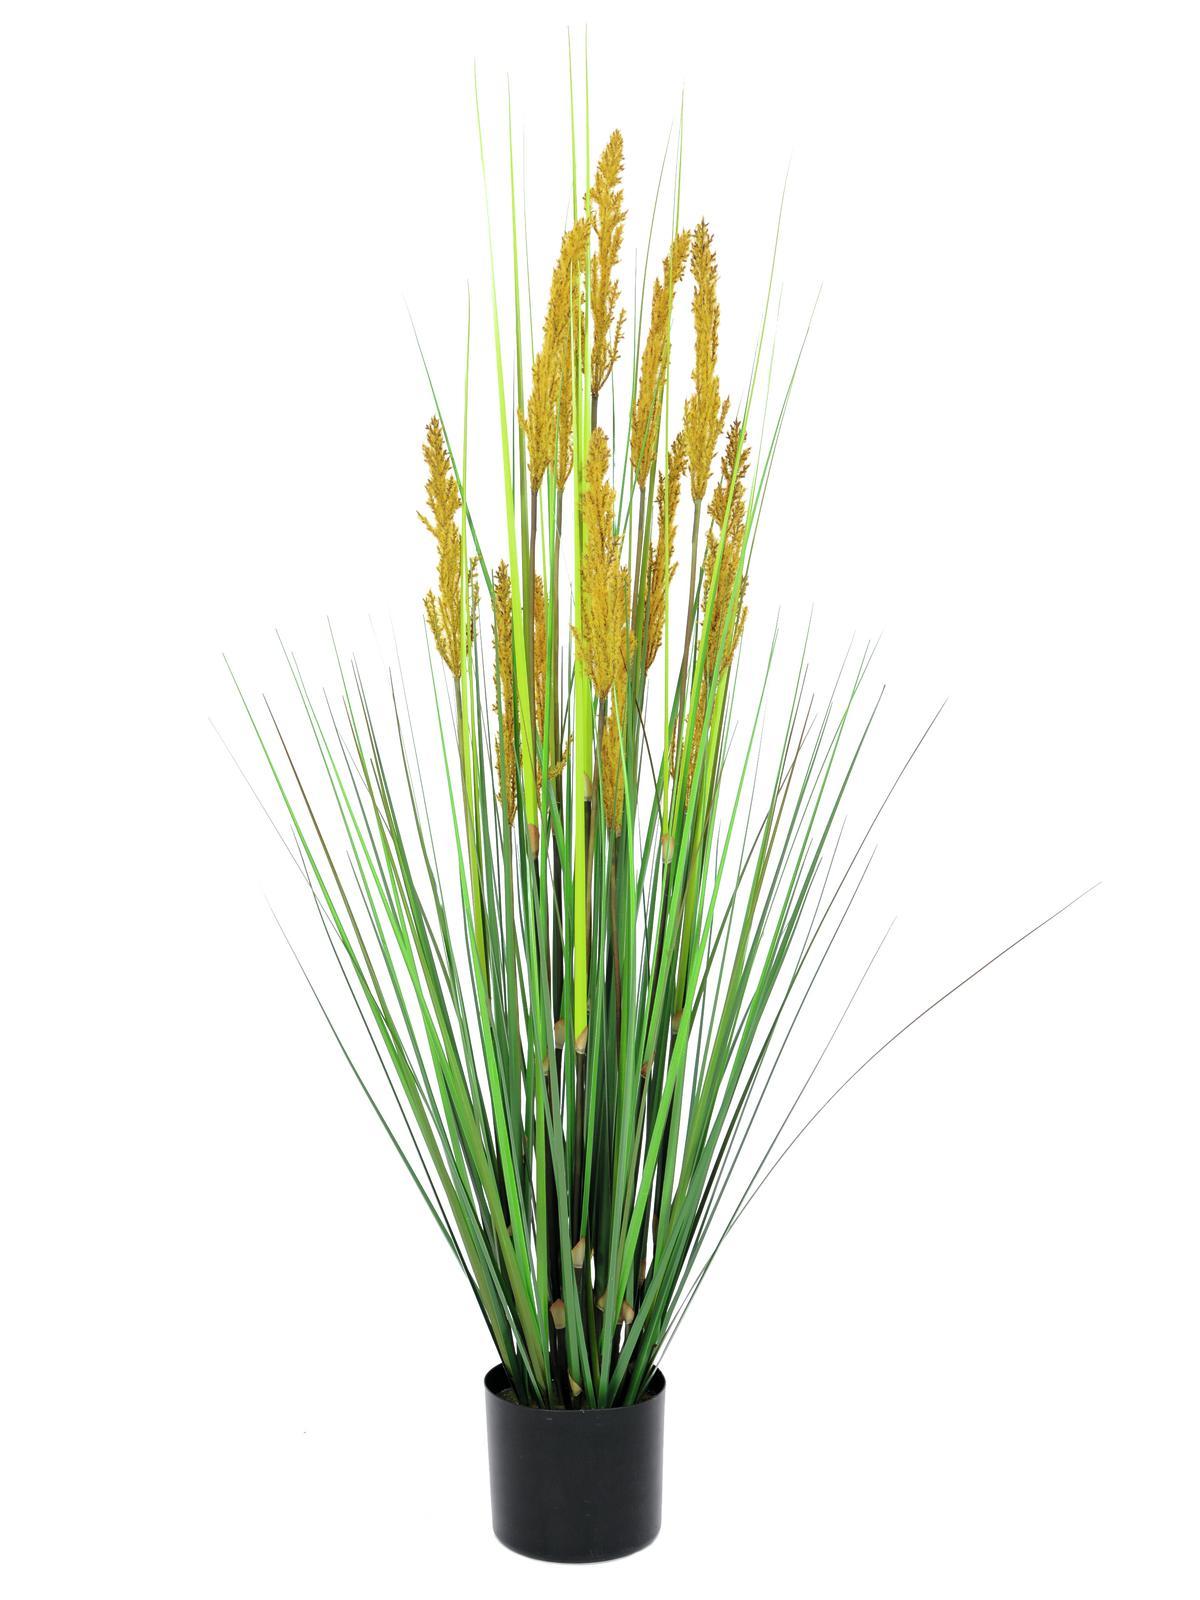 Billede af Kunstig Parrot grass, 120cm